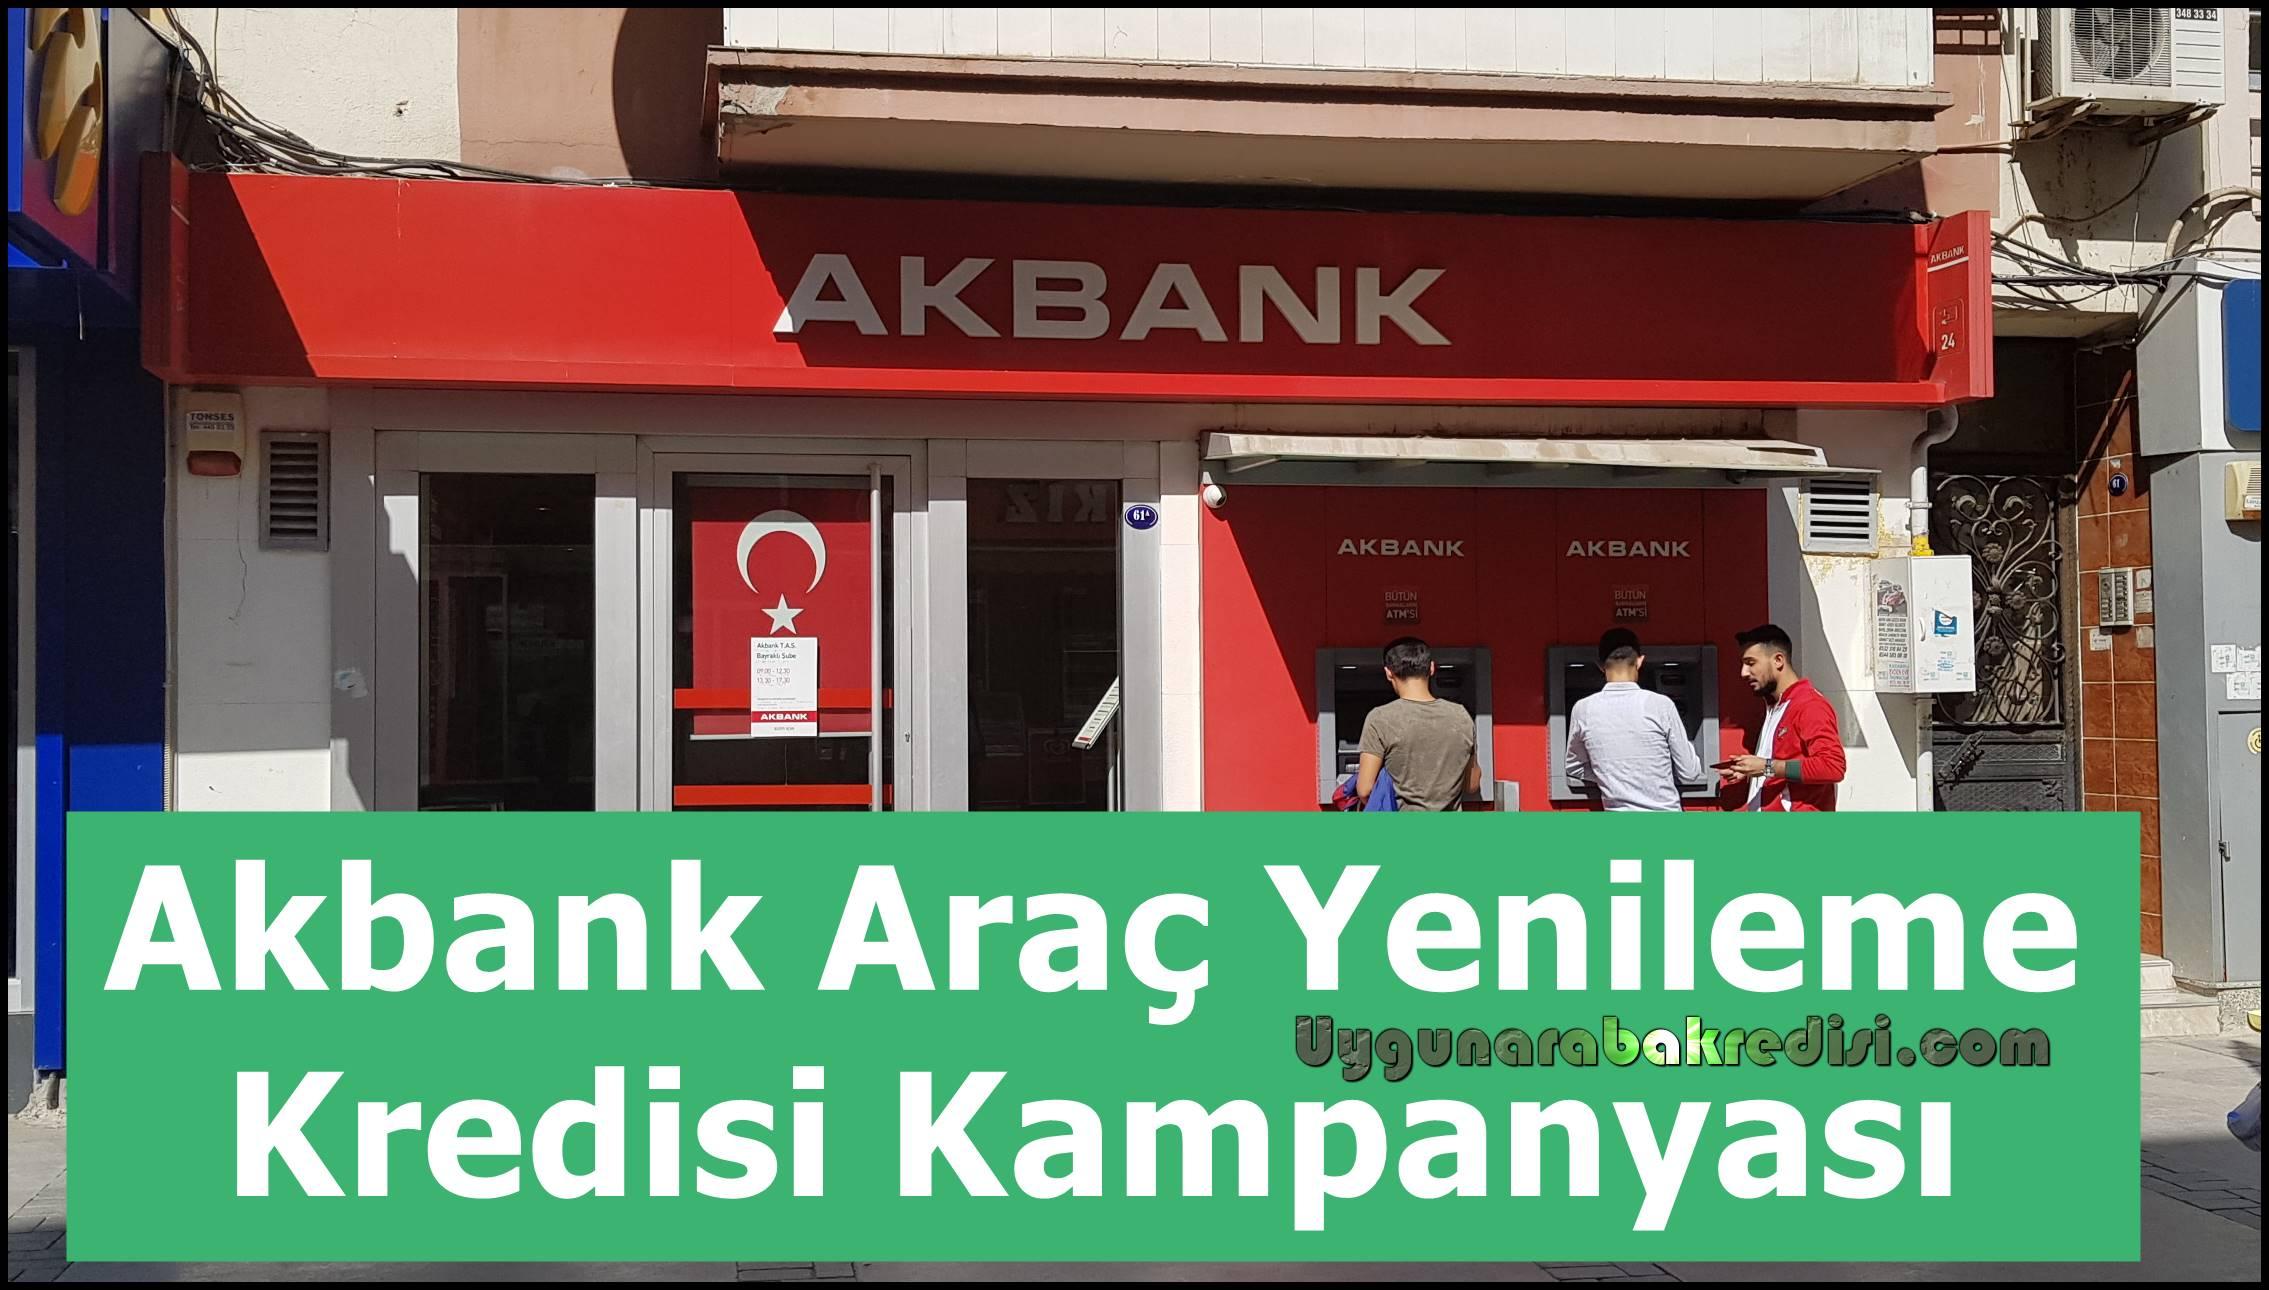 Akbank Araç Yenileme Kredisi Kampanyası